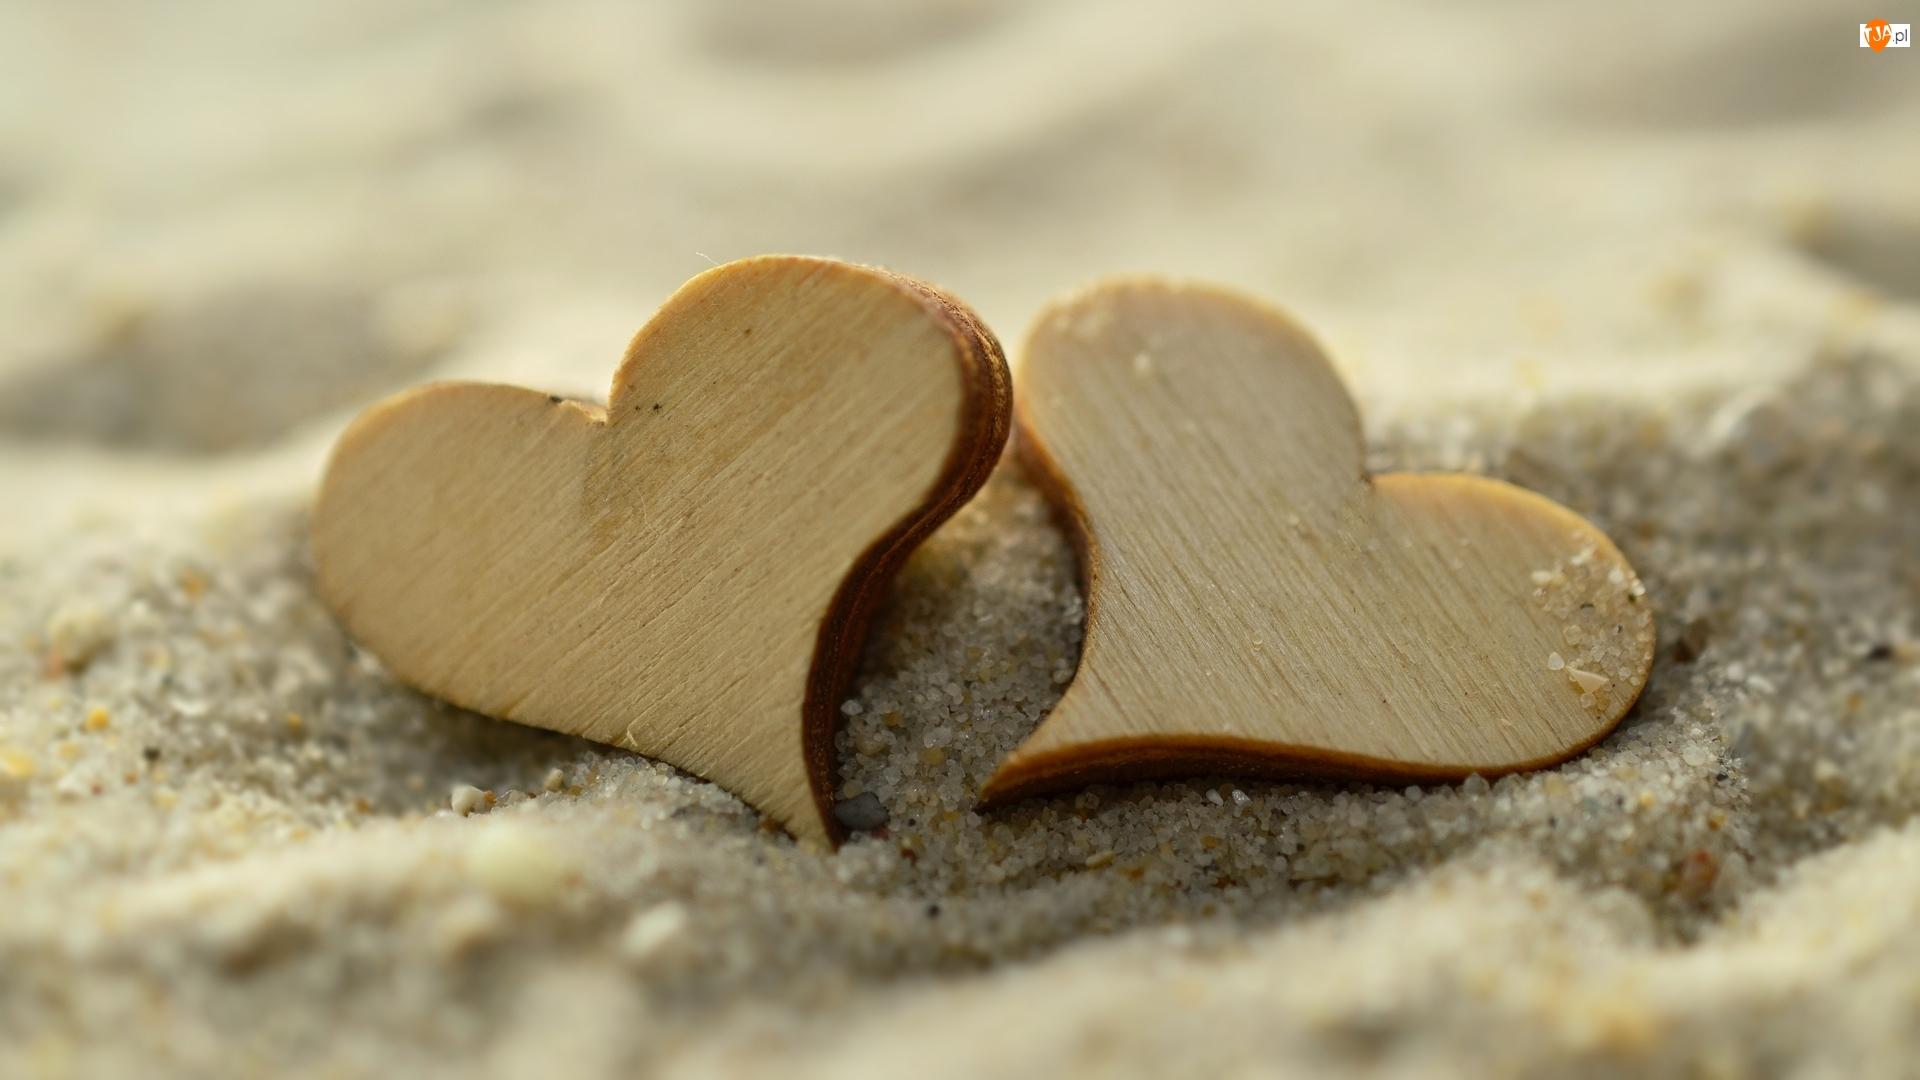 Miłość, Dwa, Serca, Drewniane, Piasek